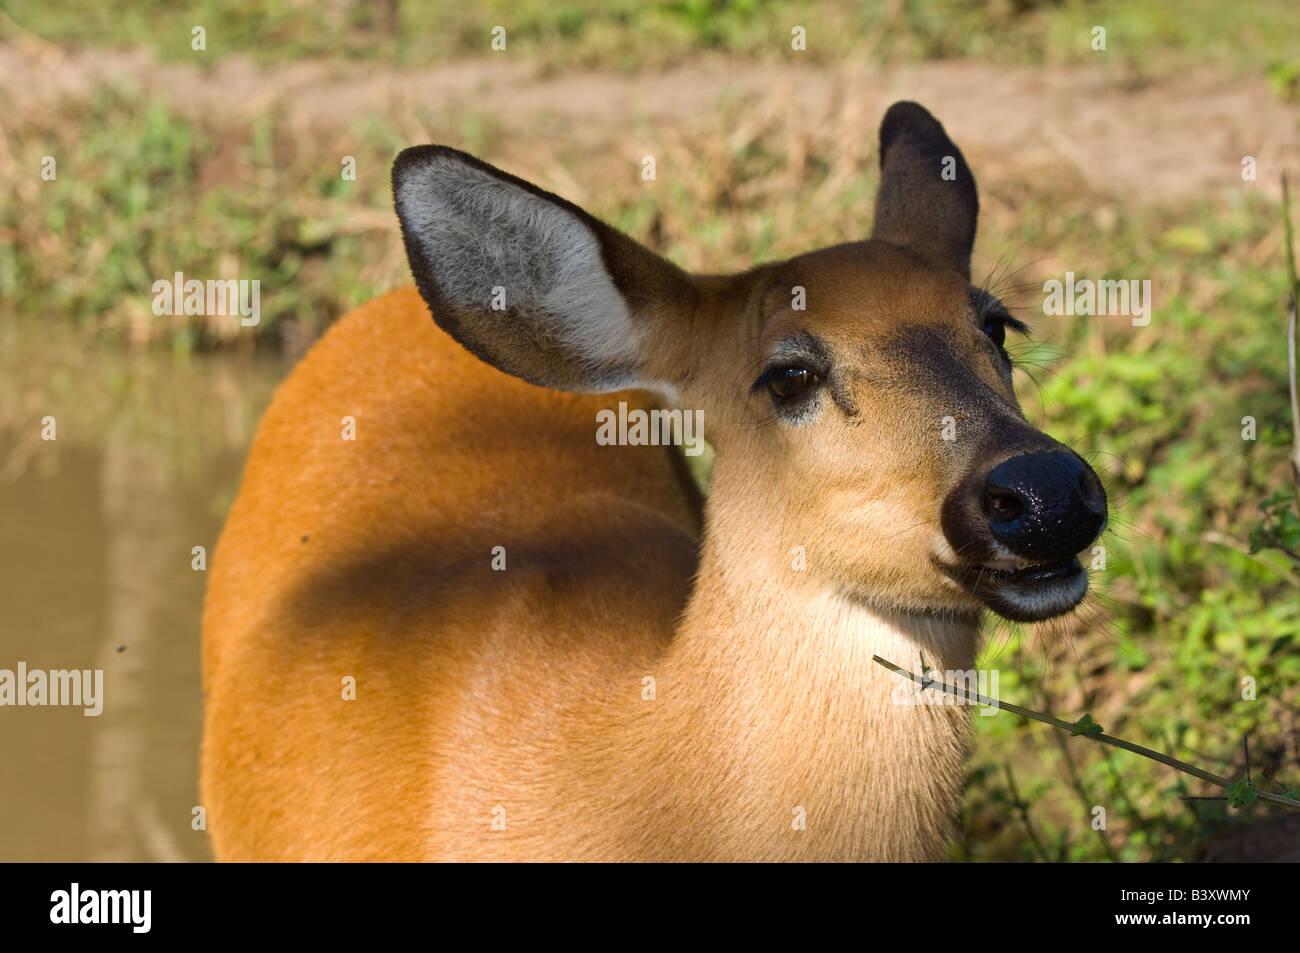 Captive Pampas Deer Ozotoceros bezoarticus in Mato Grosso do Sul Brazil Stock Photo